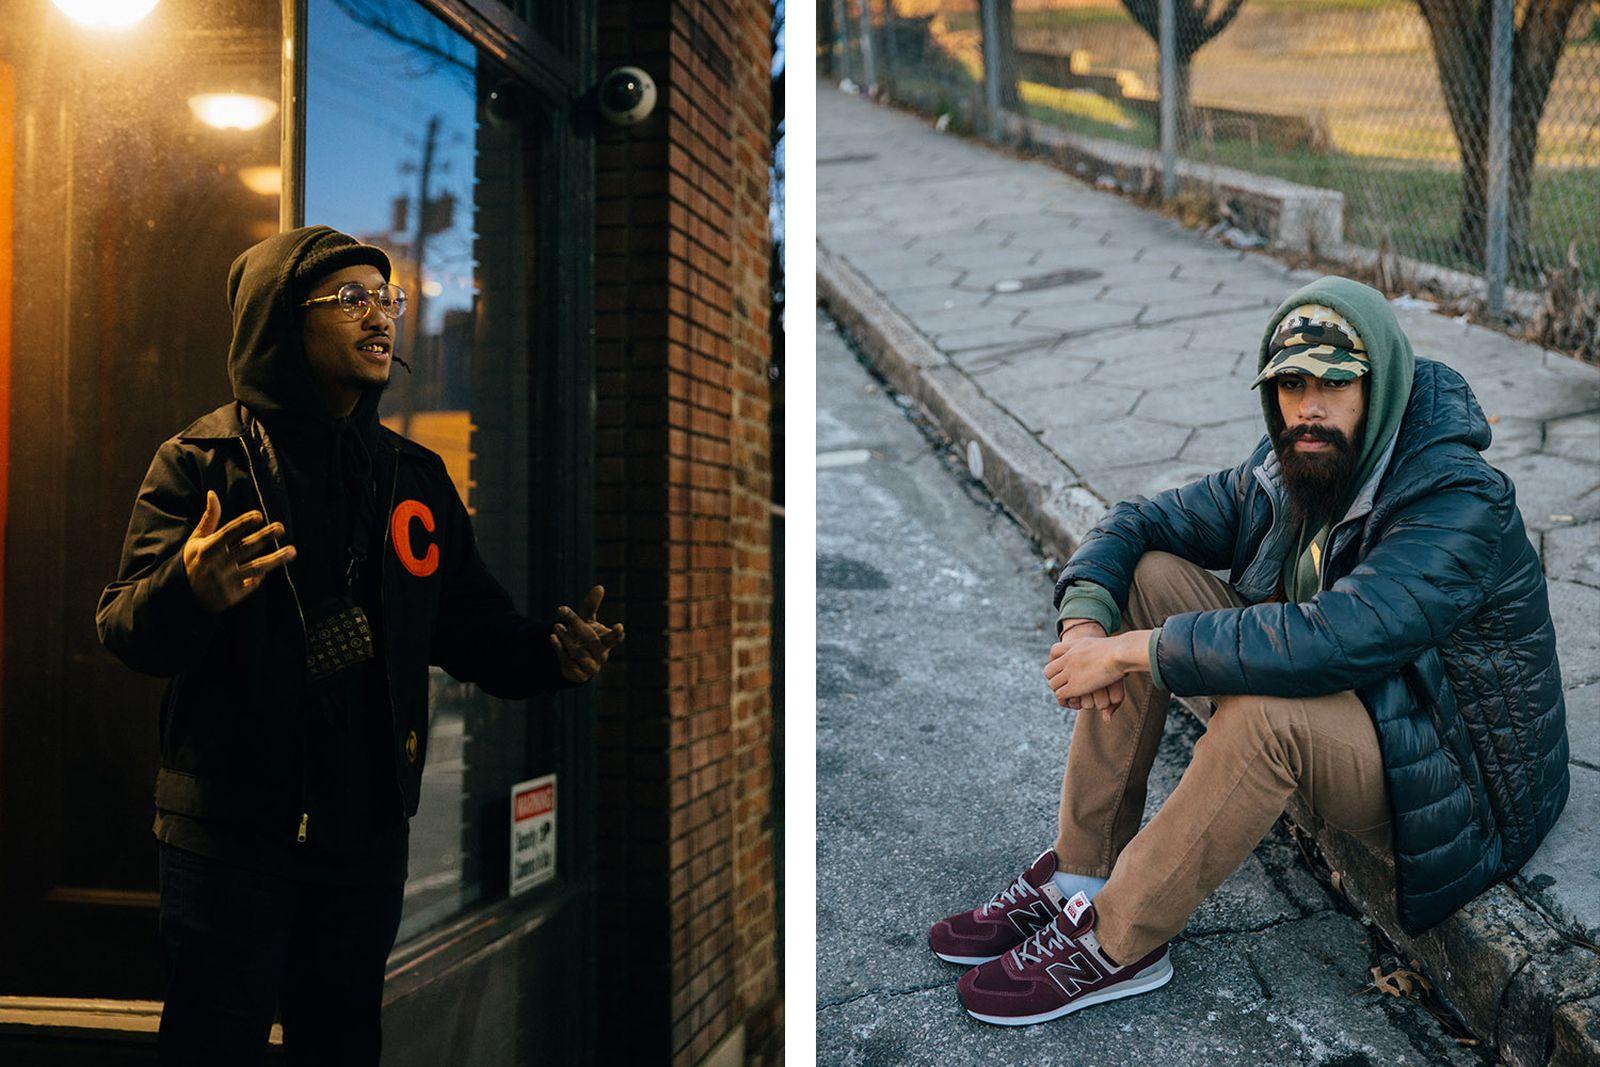 cultural-codes-atlanta-hip-hop-subculture-new-balance-05